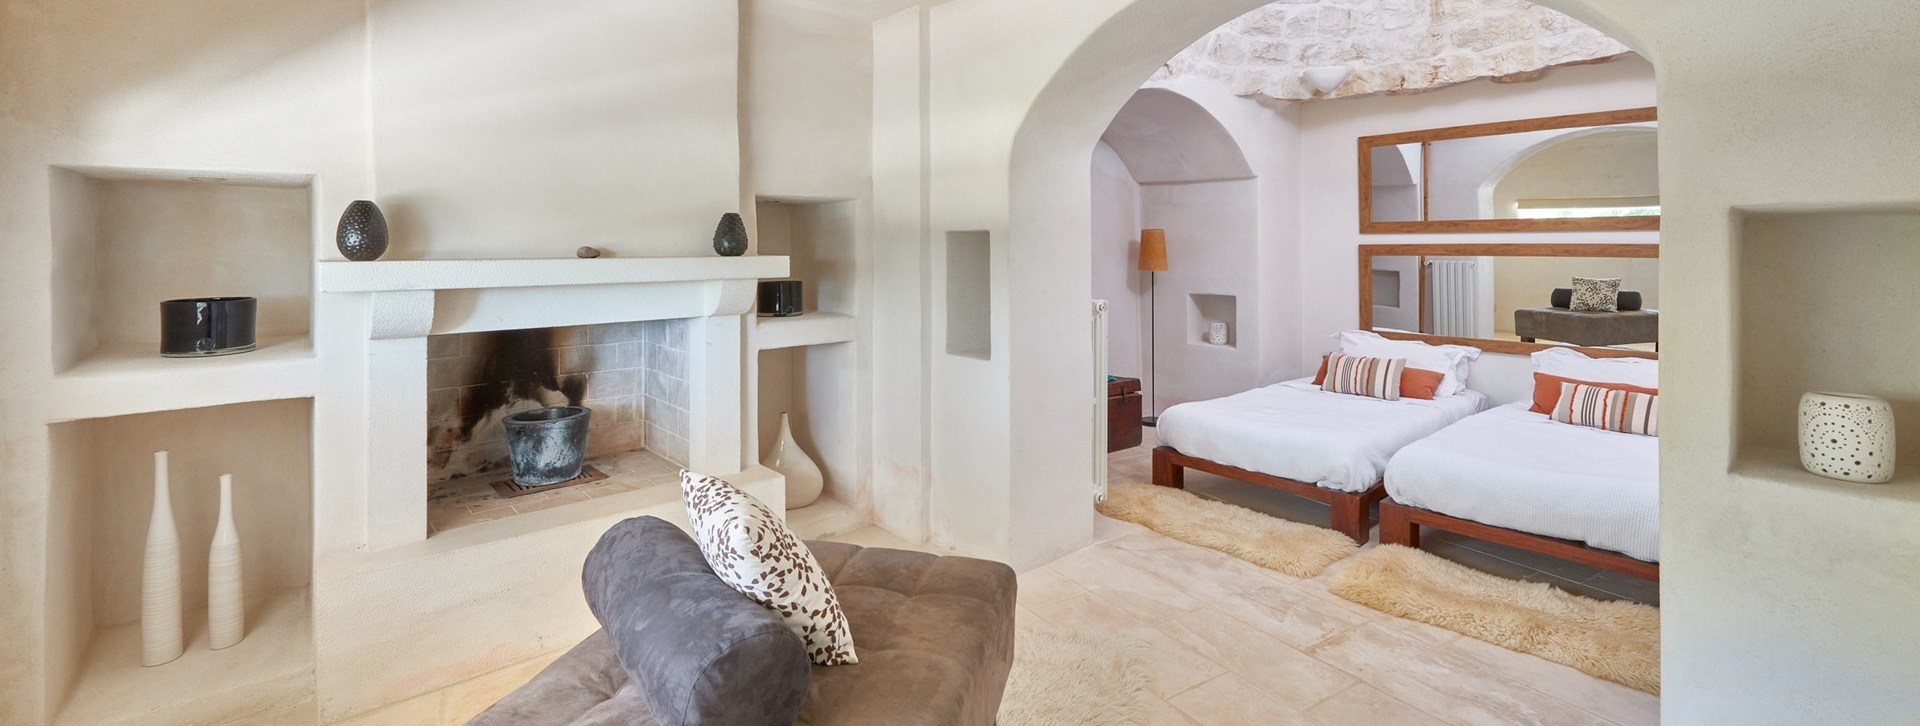 la-moresca-twin-bedroom